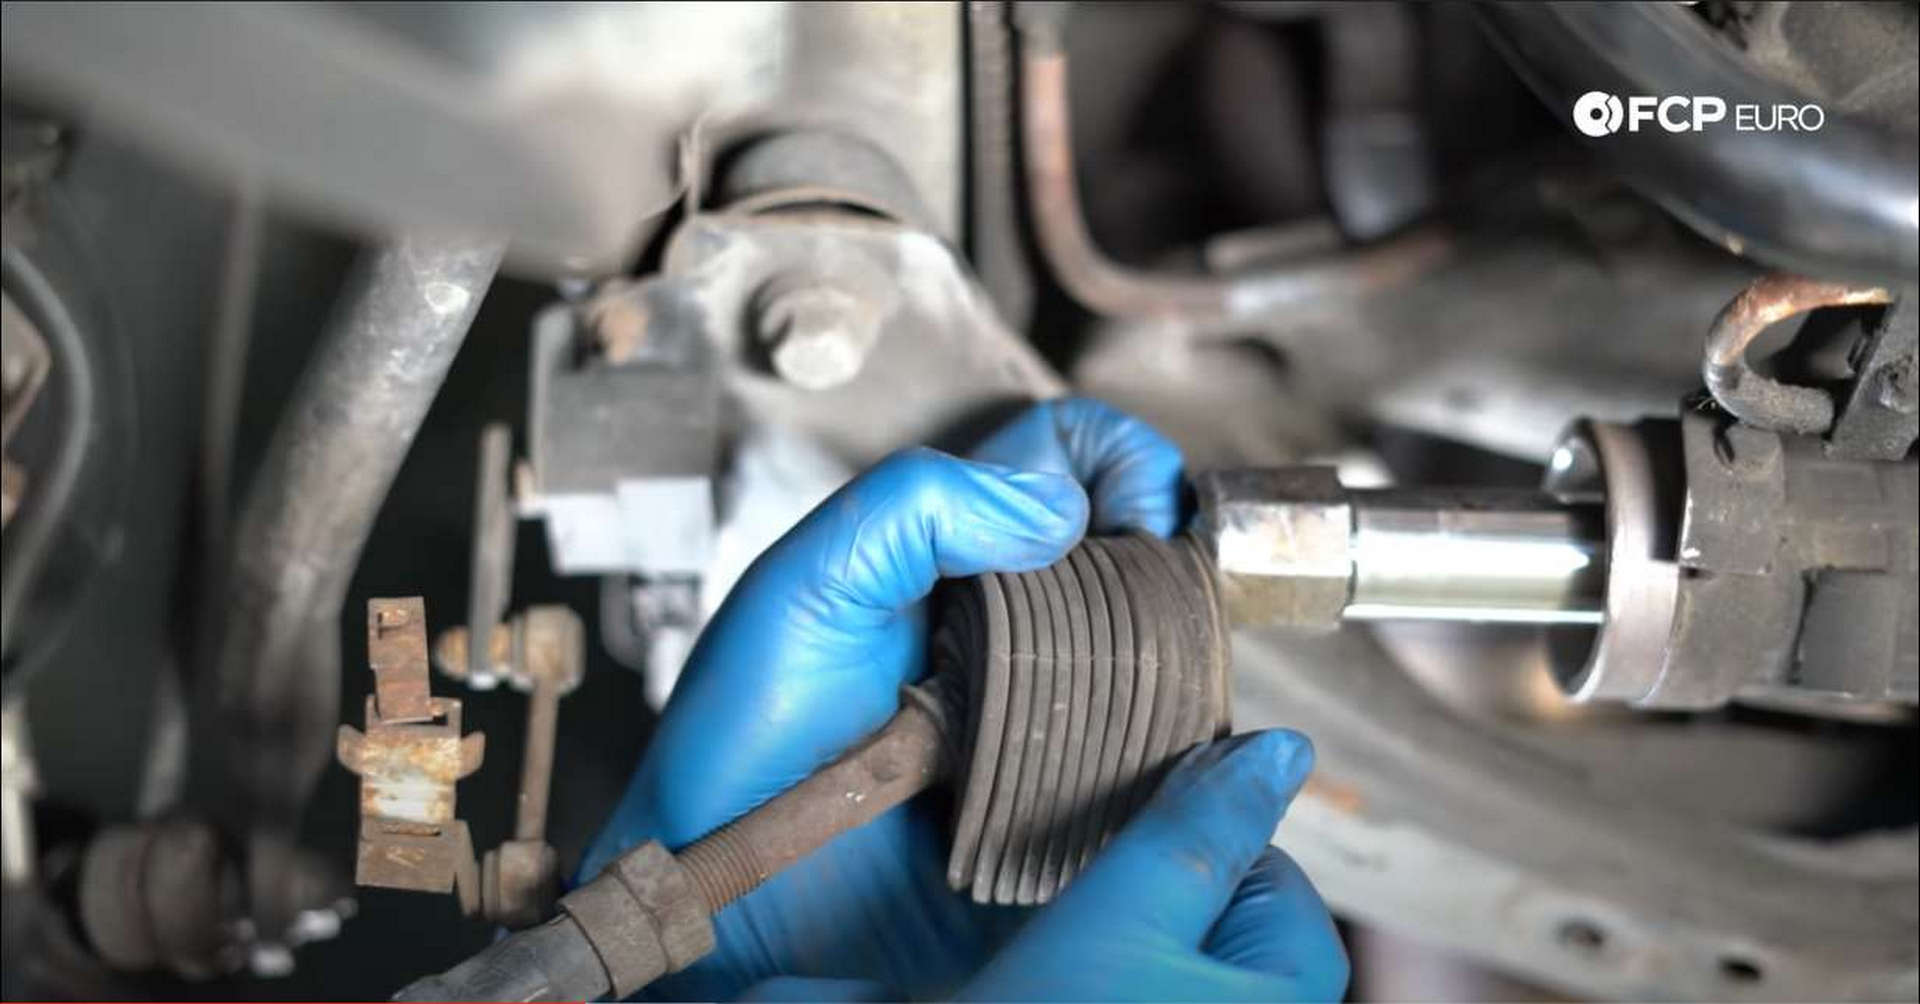 DIY BMW Front Suspension Refresh exposing tie rod nut